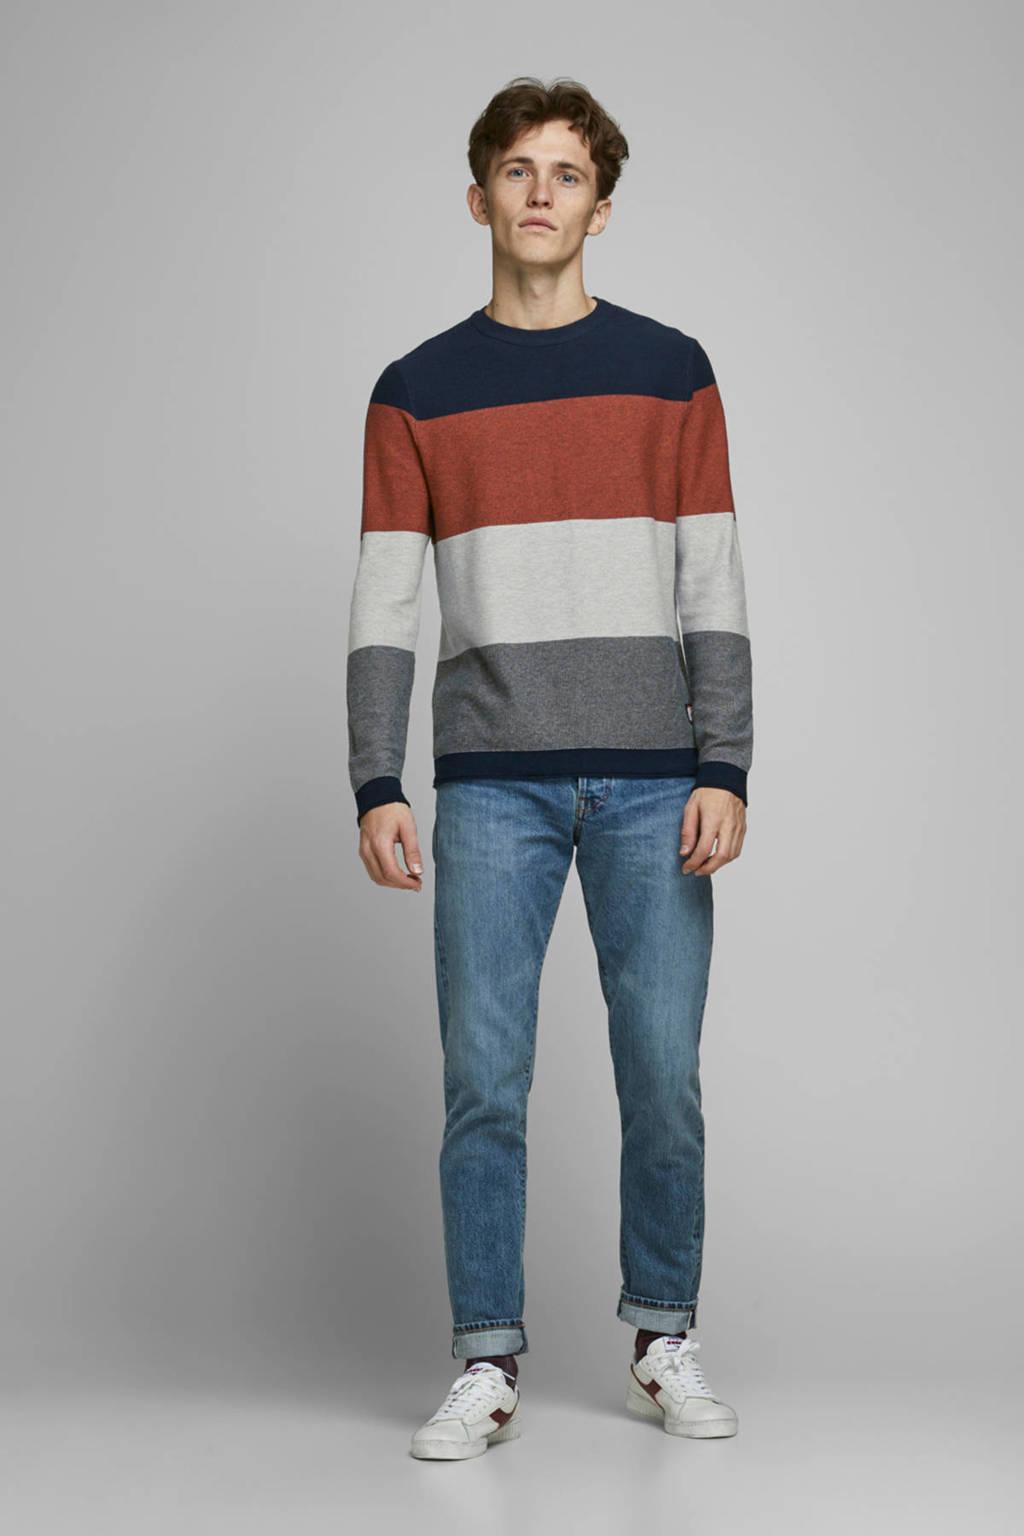 JACK & JONES ORIGINALS trui donkerblauw/grijs/oranje, Donkerblauw/grijs/oranje